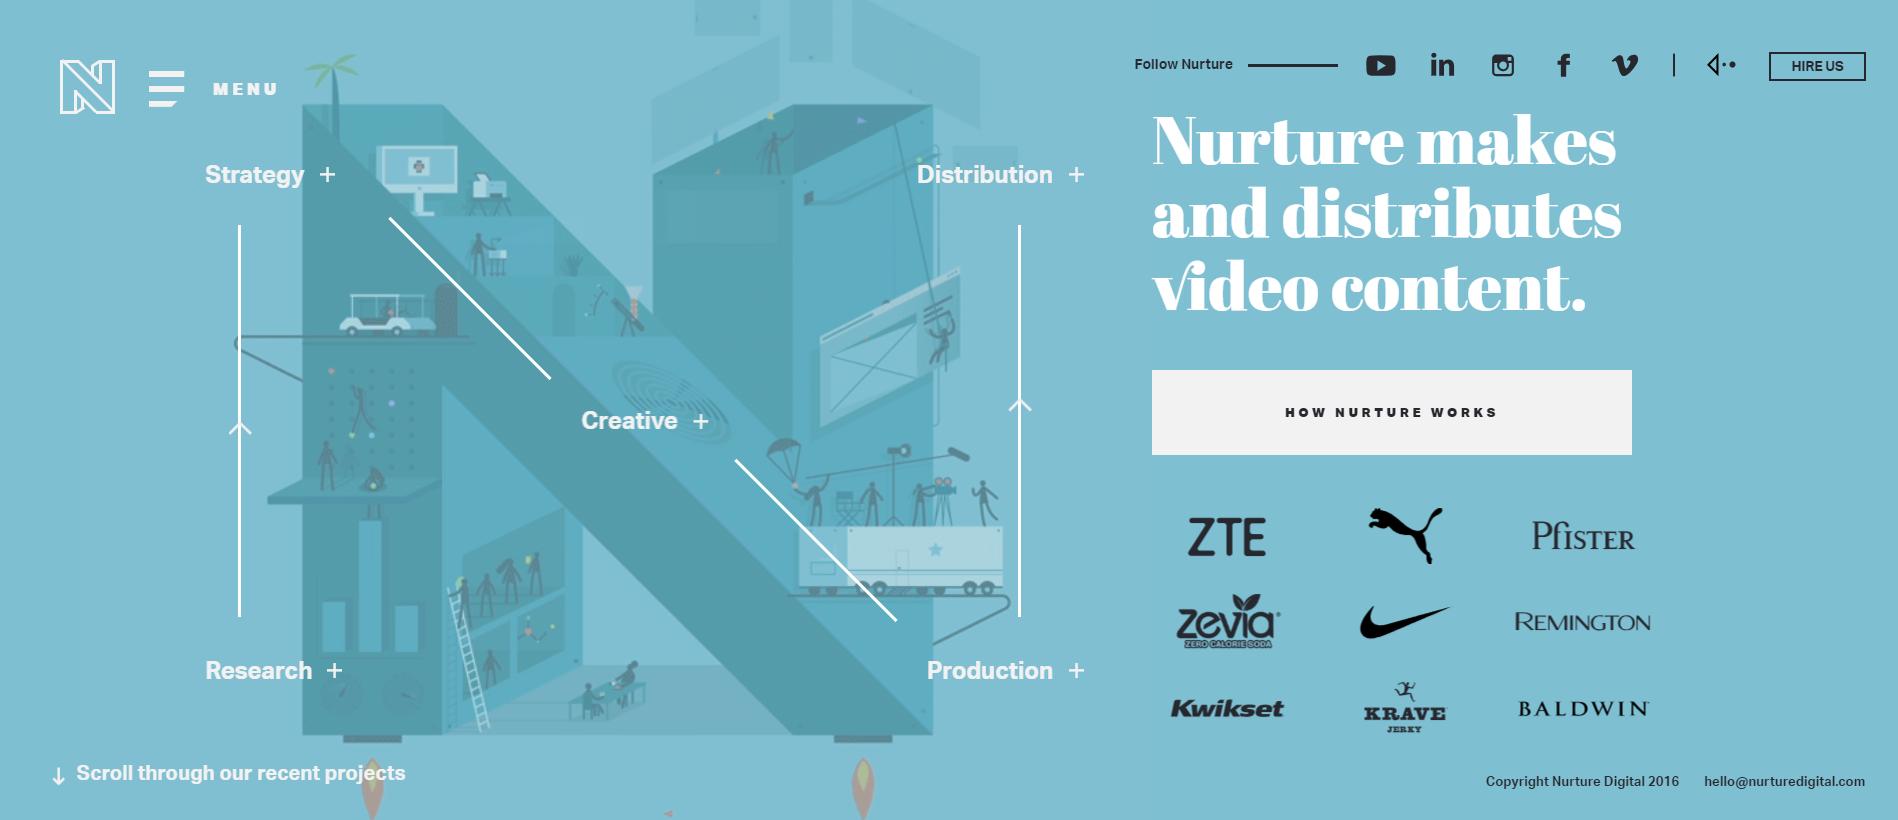 Nurture Digital